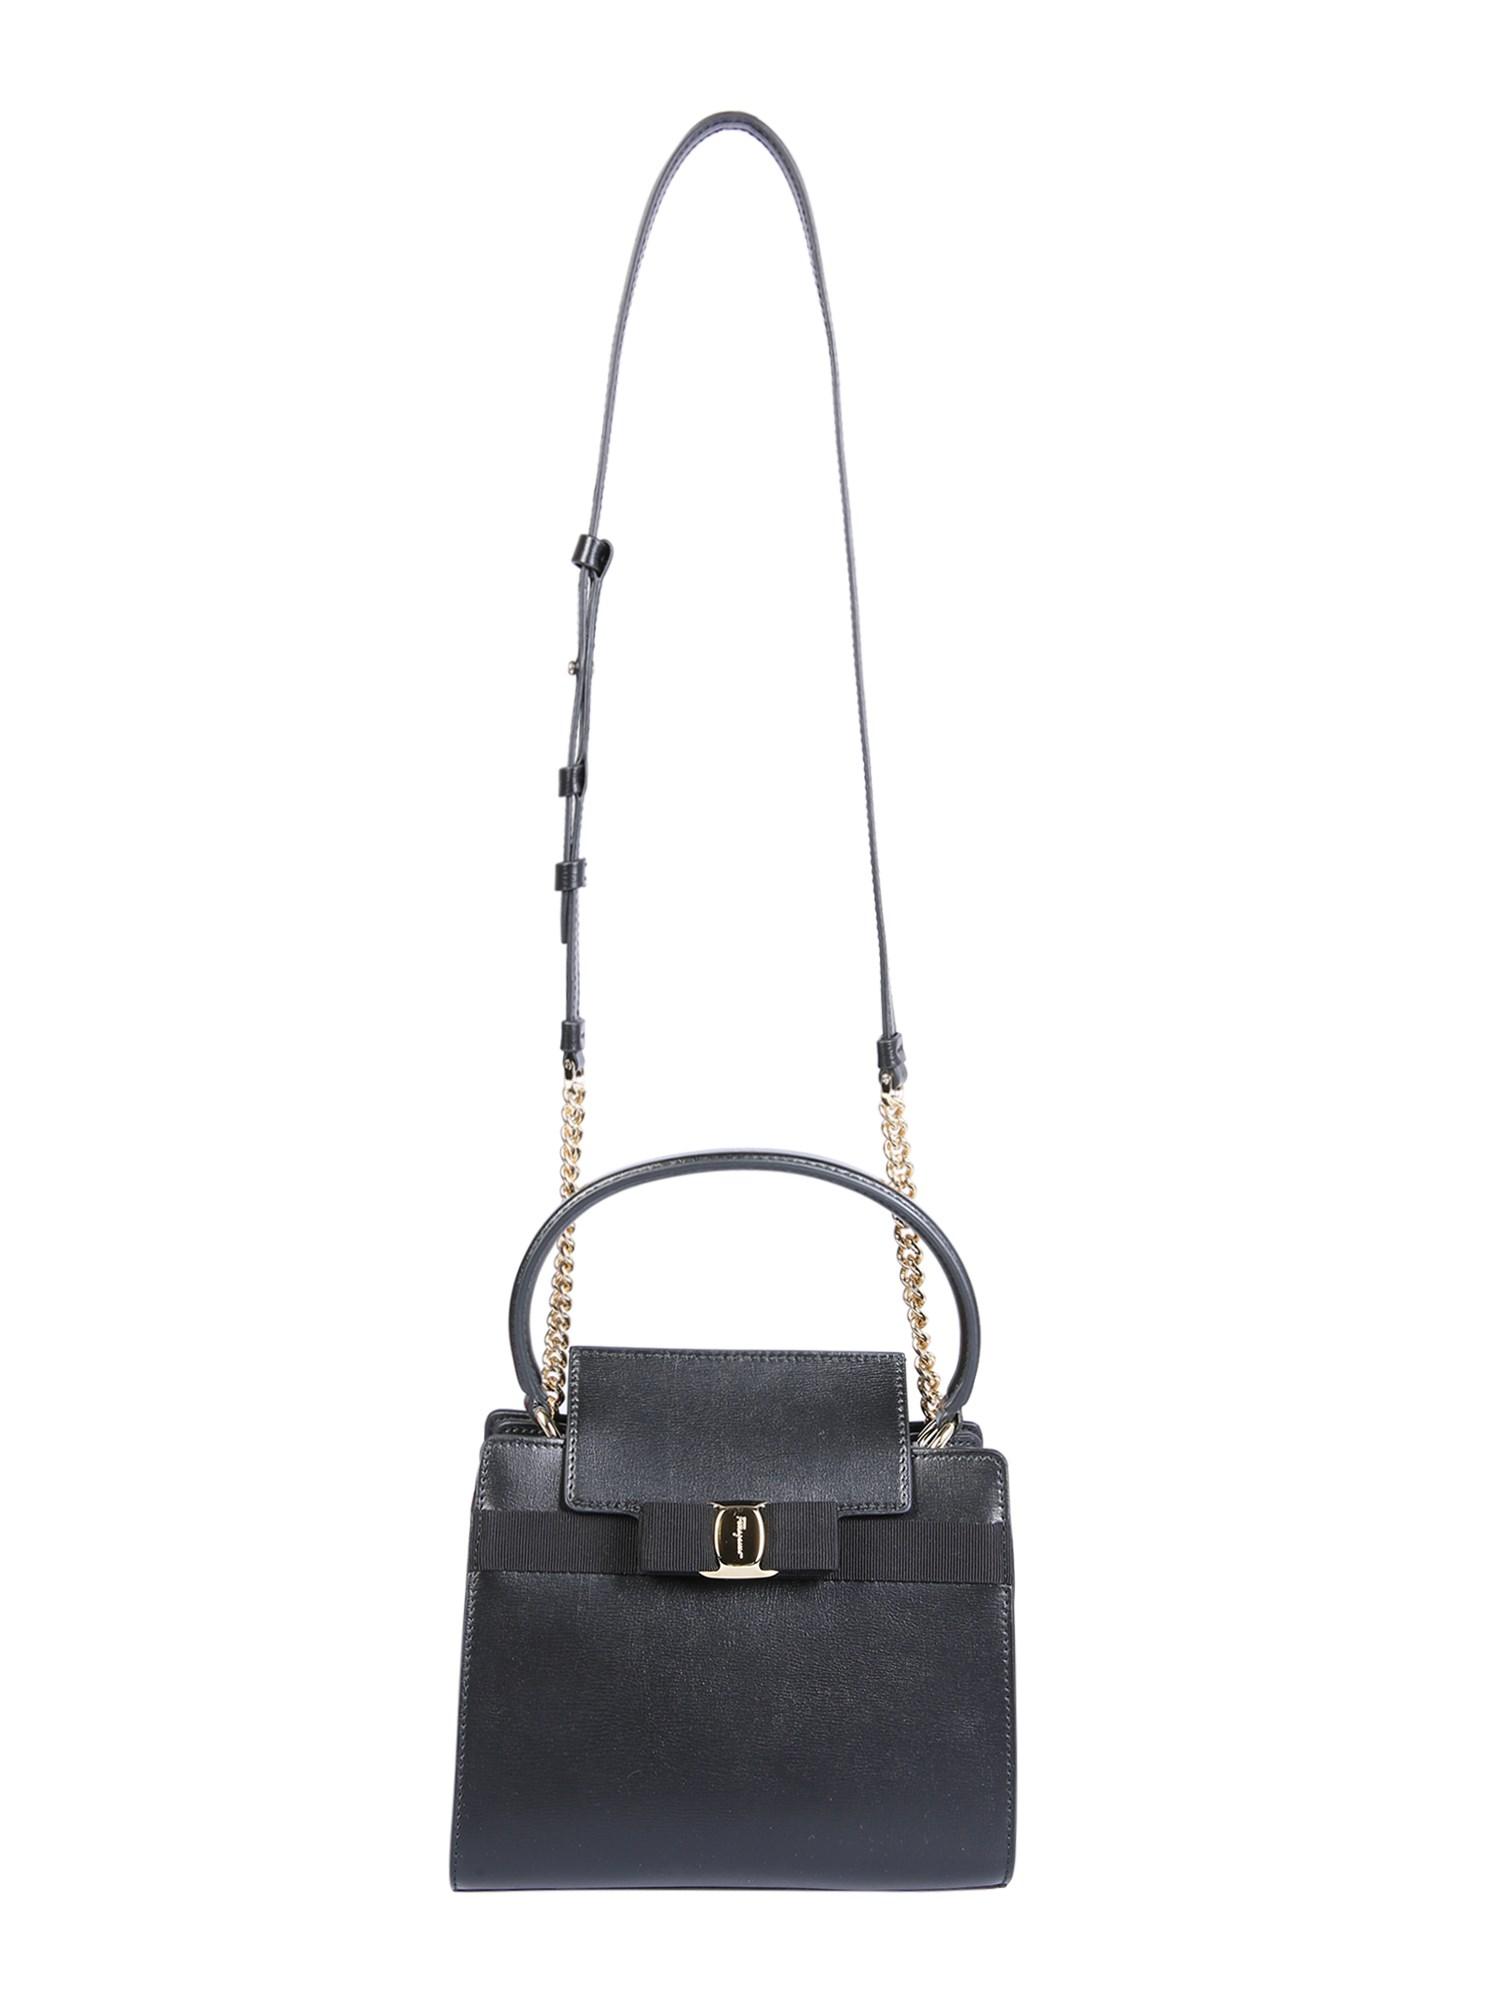 salvatore ferragamo handbag with vara bow